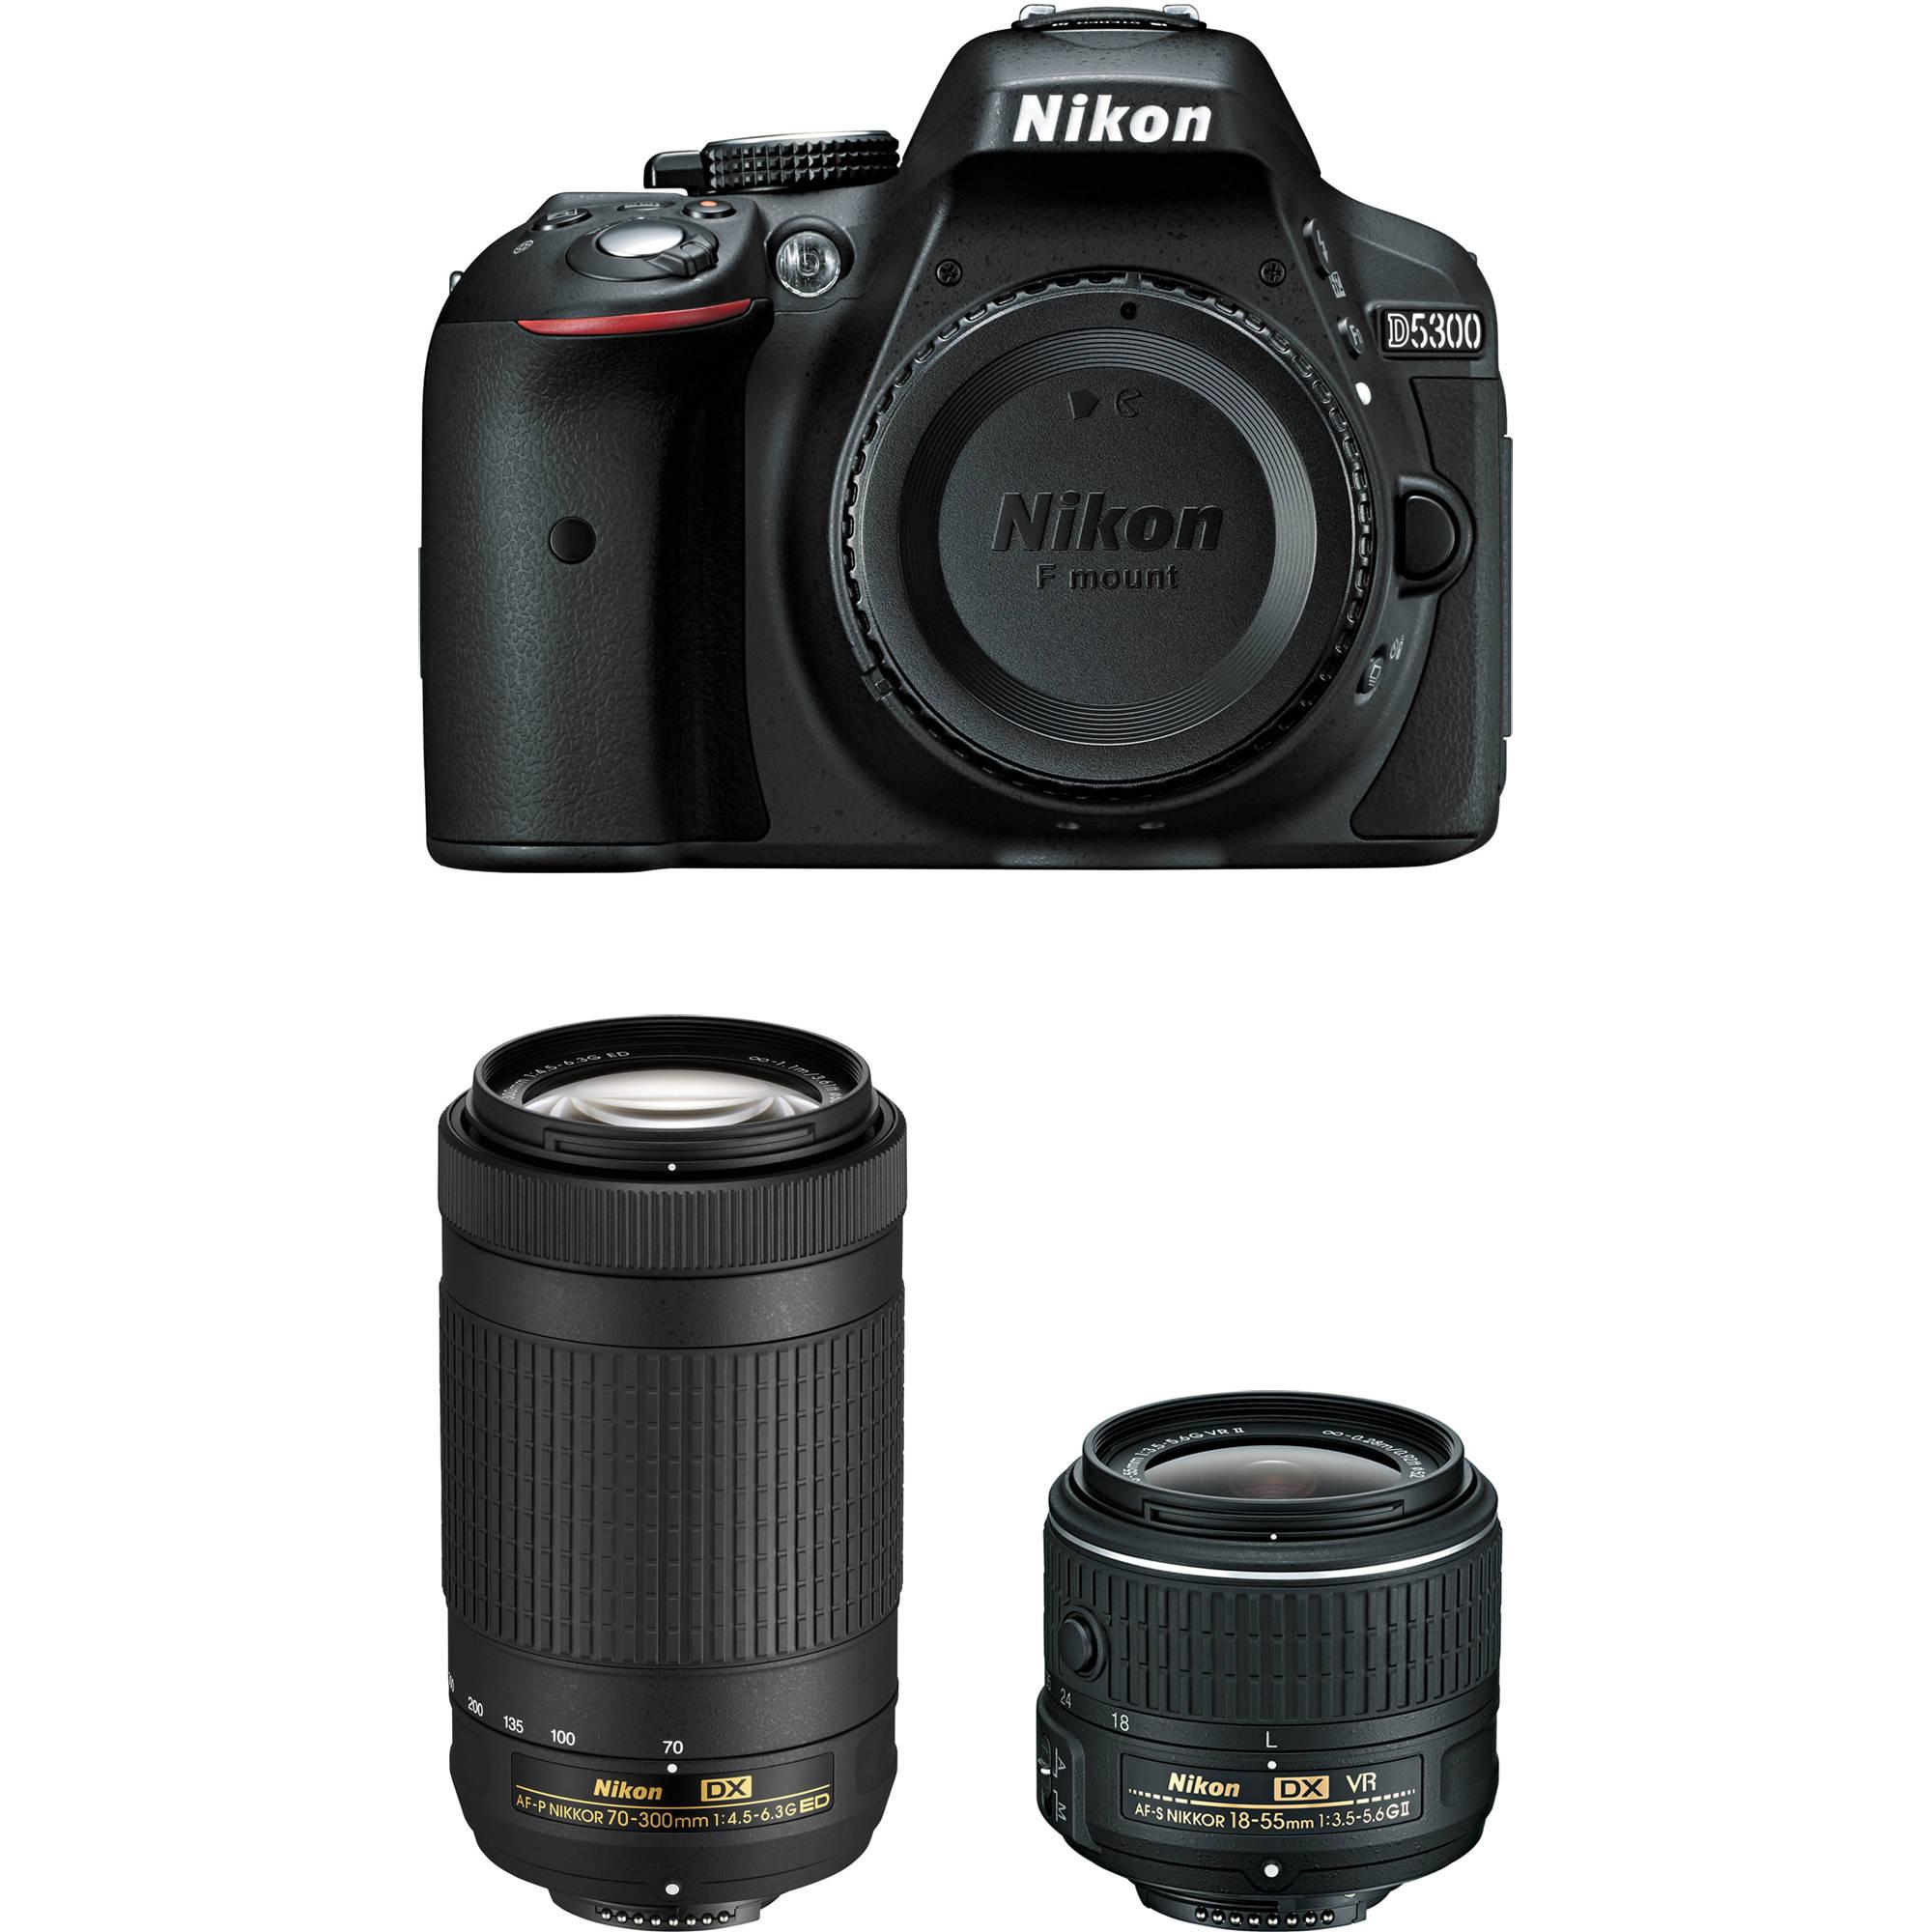 Nikon D5300 | B&H Photo Video